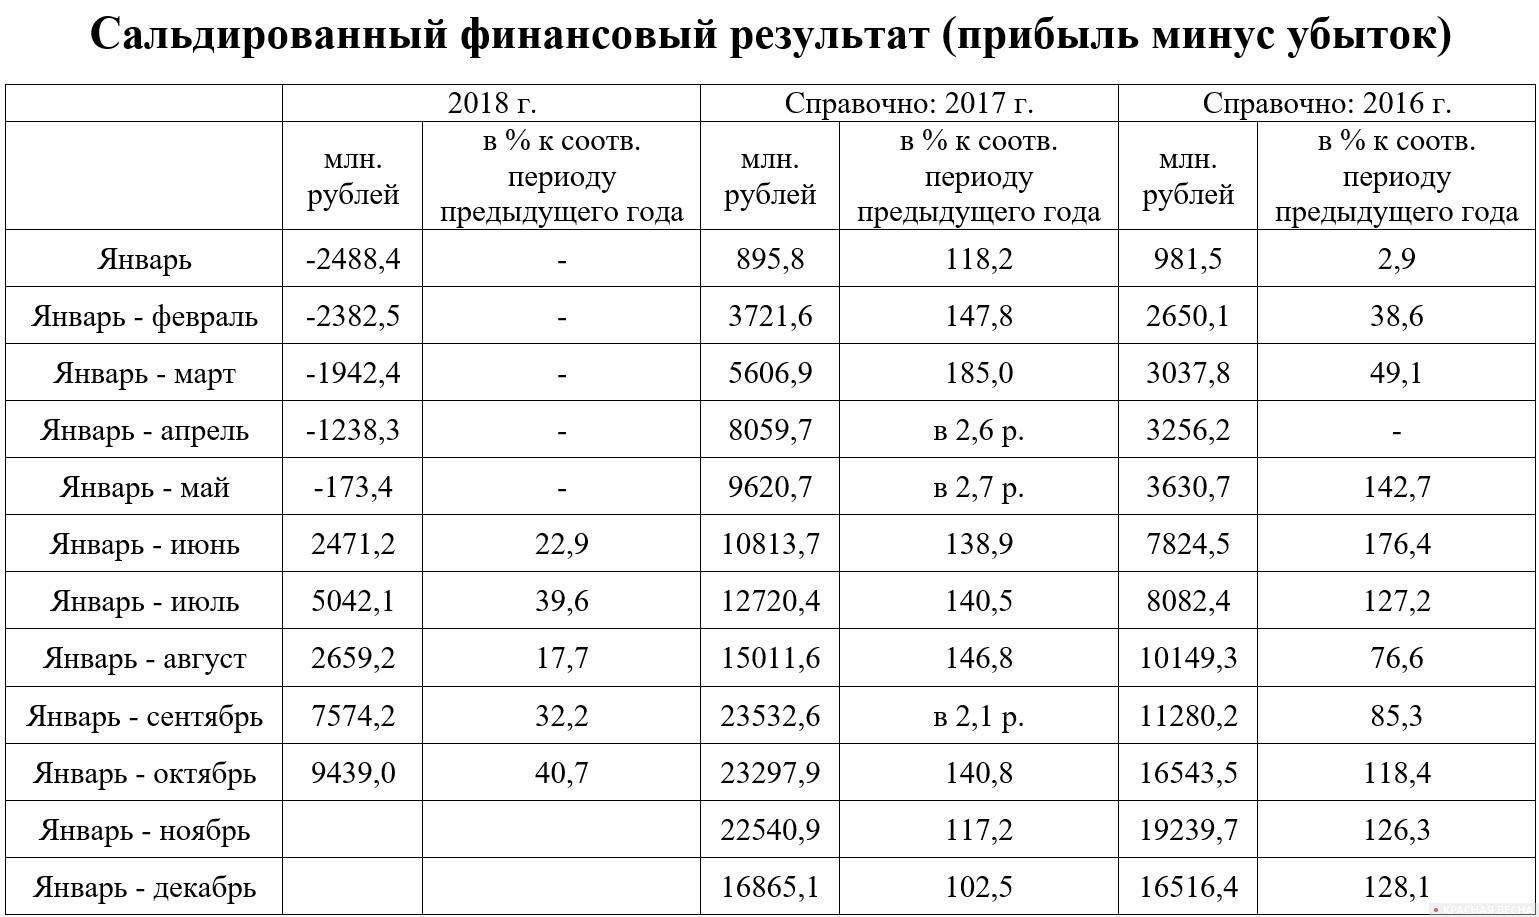 Сальдированный финансовый результат организаций Брянской области в 2018 году